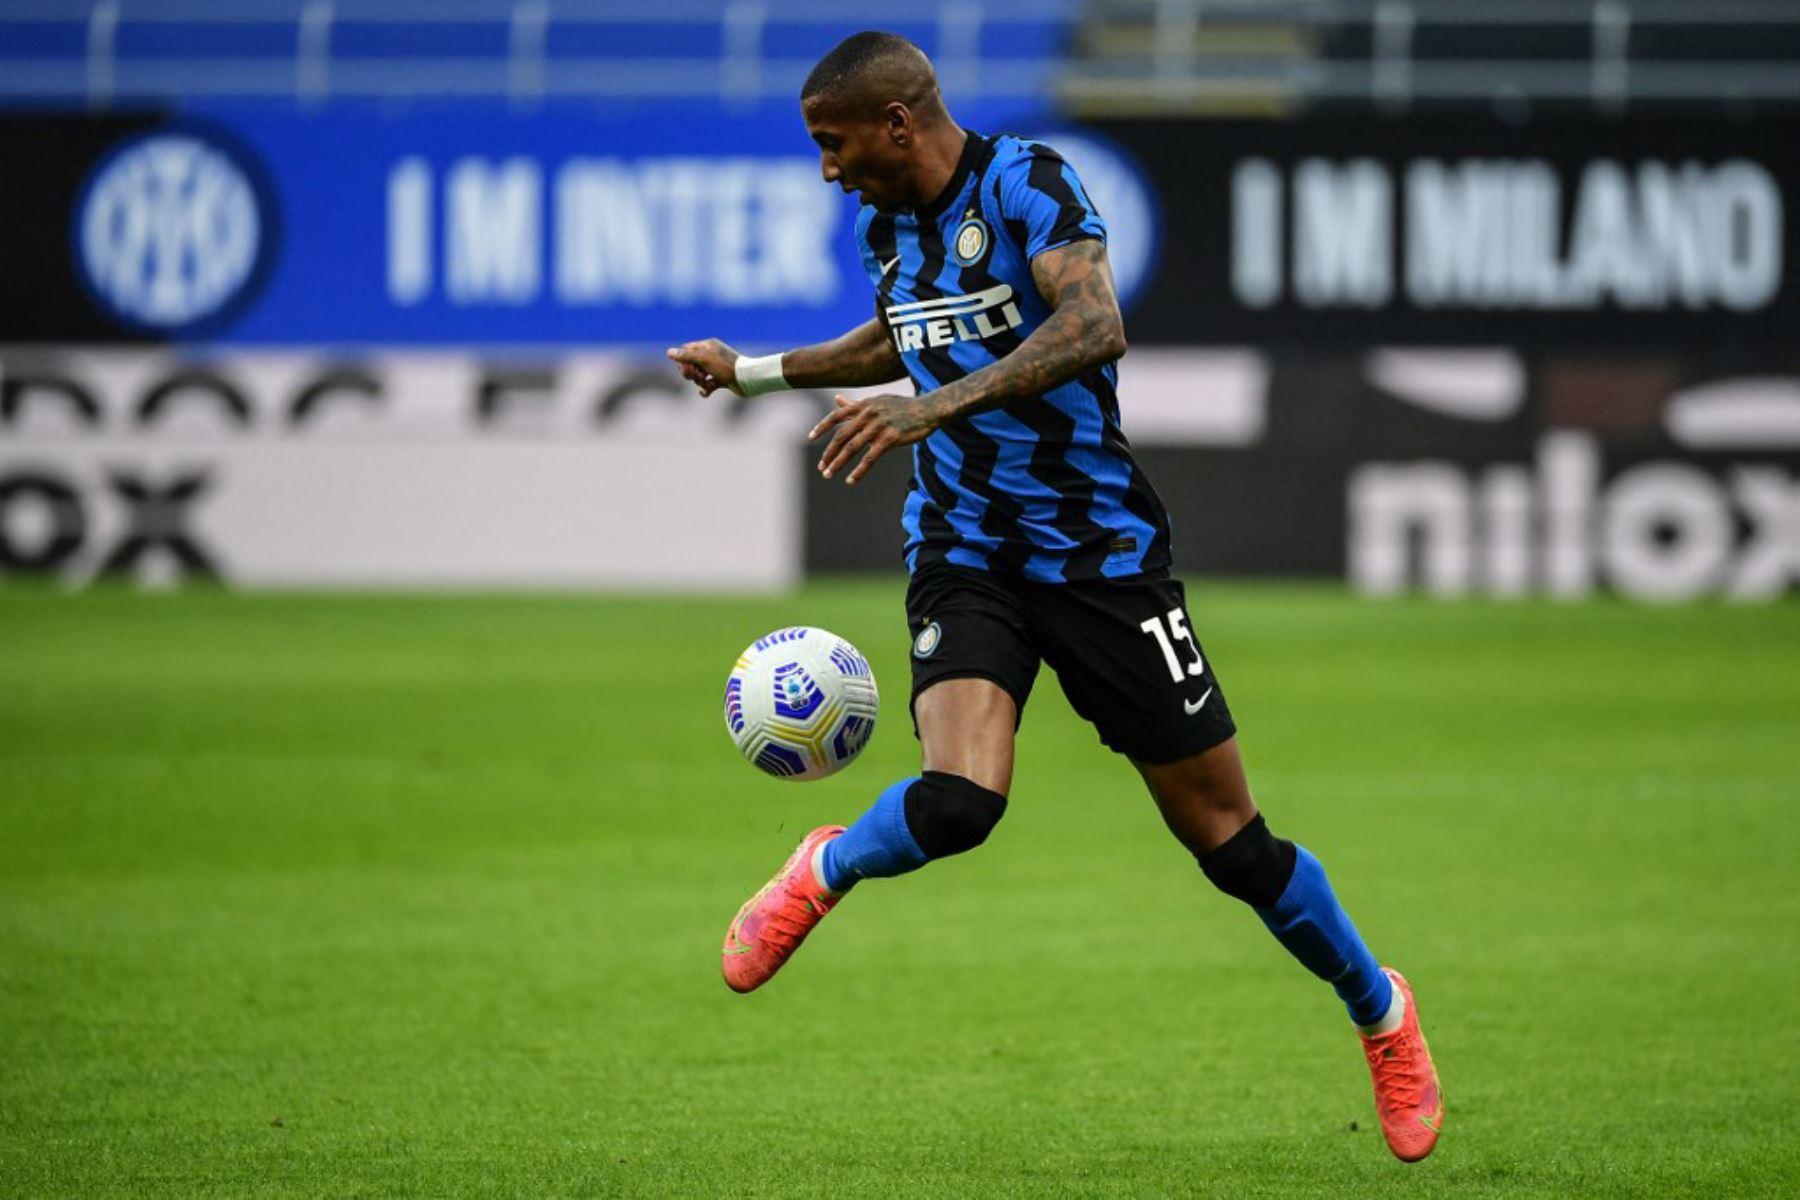 El centrocampista inglés del Inter de Milán Ashley Young controla el balón durante el partido de fútbol de la Serie A italiana Inter de Milán vs Sassuolo.  Foto:AFP